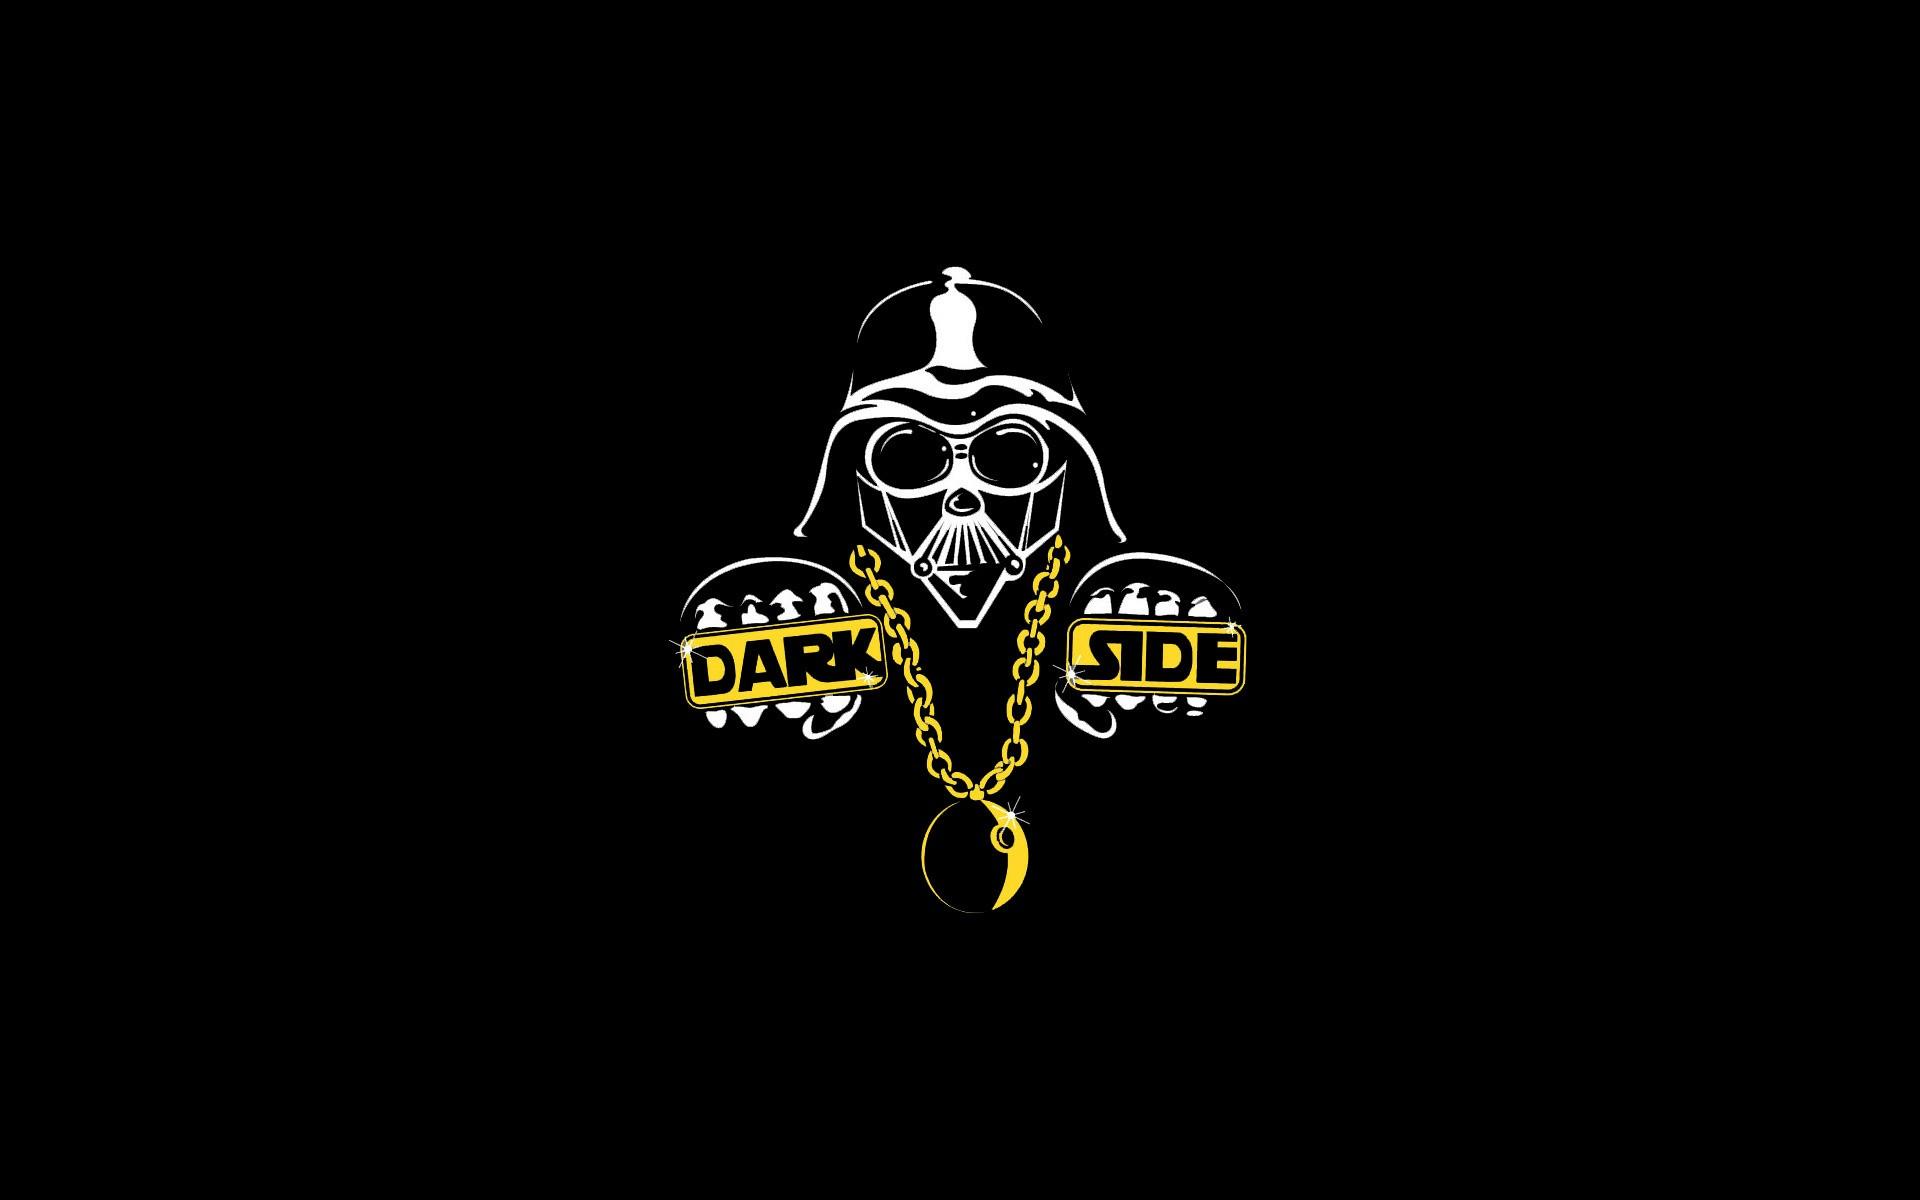 Wallpaper : illustration, Star Wars, logo, skull, brand, computer